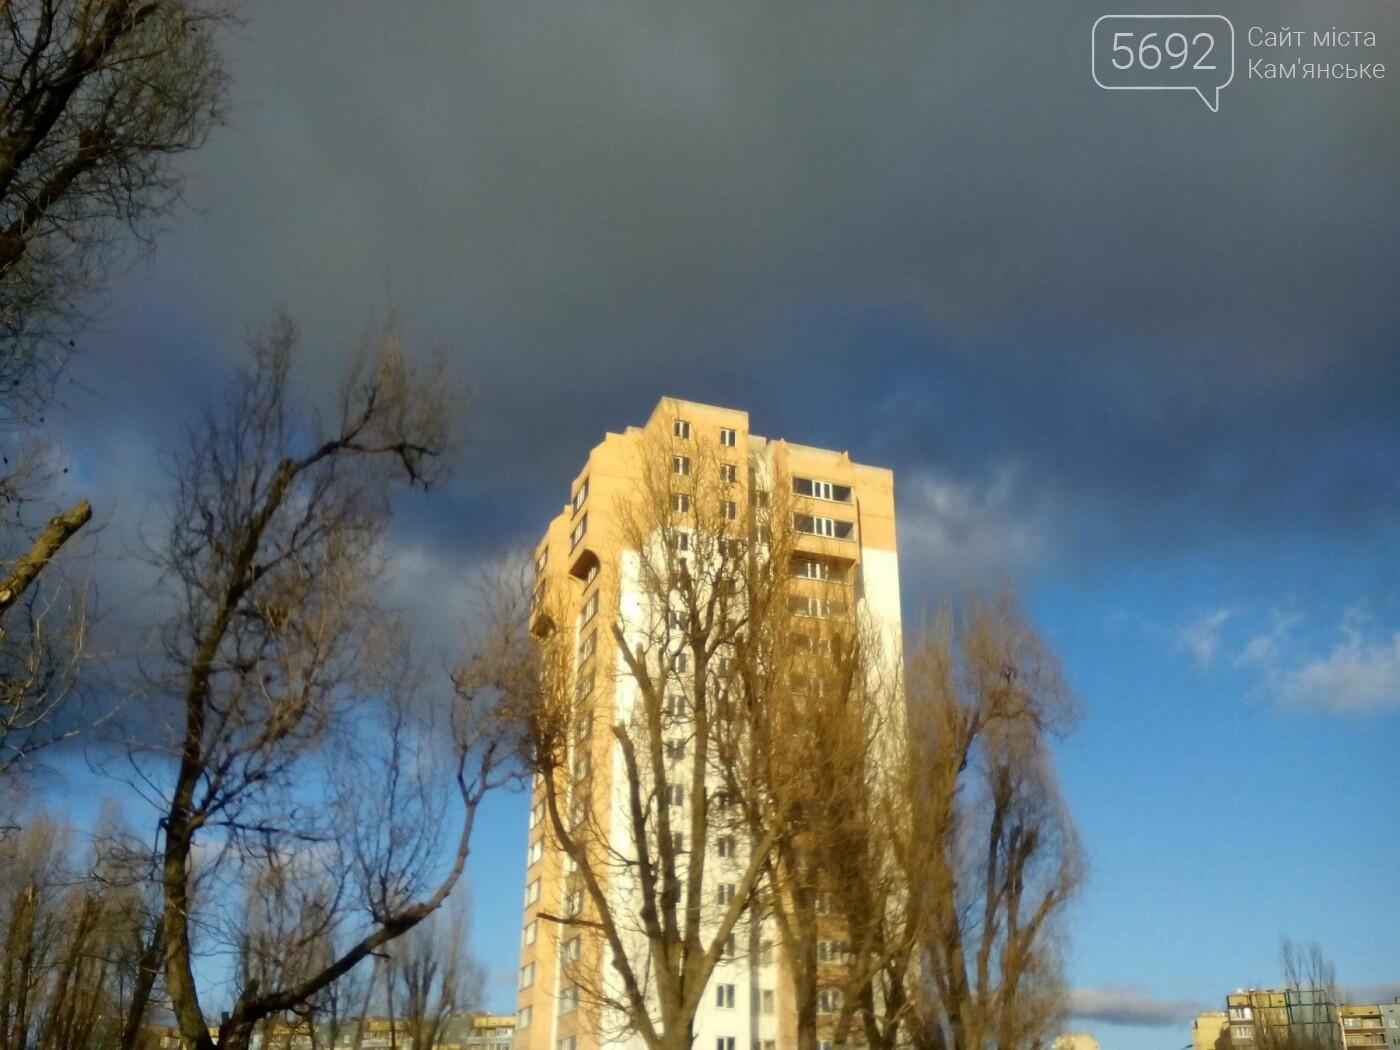 Вопреки прогнозам: в Каменское пришла весенняя погода, фото-7